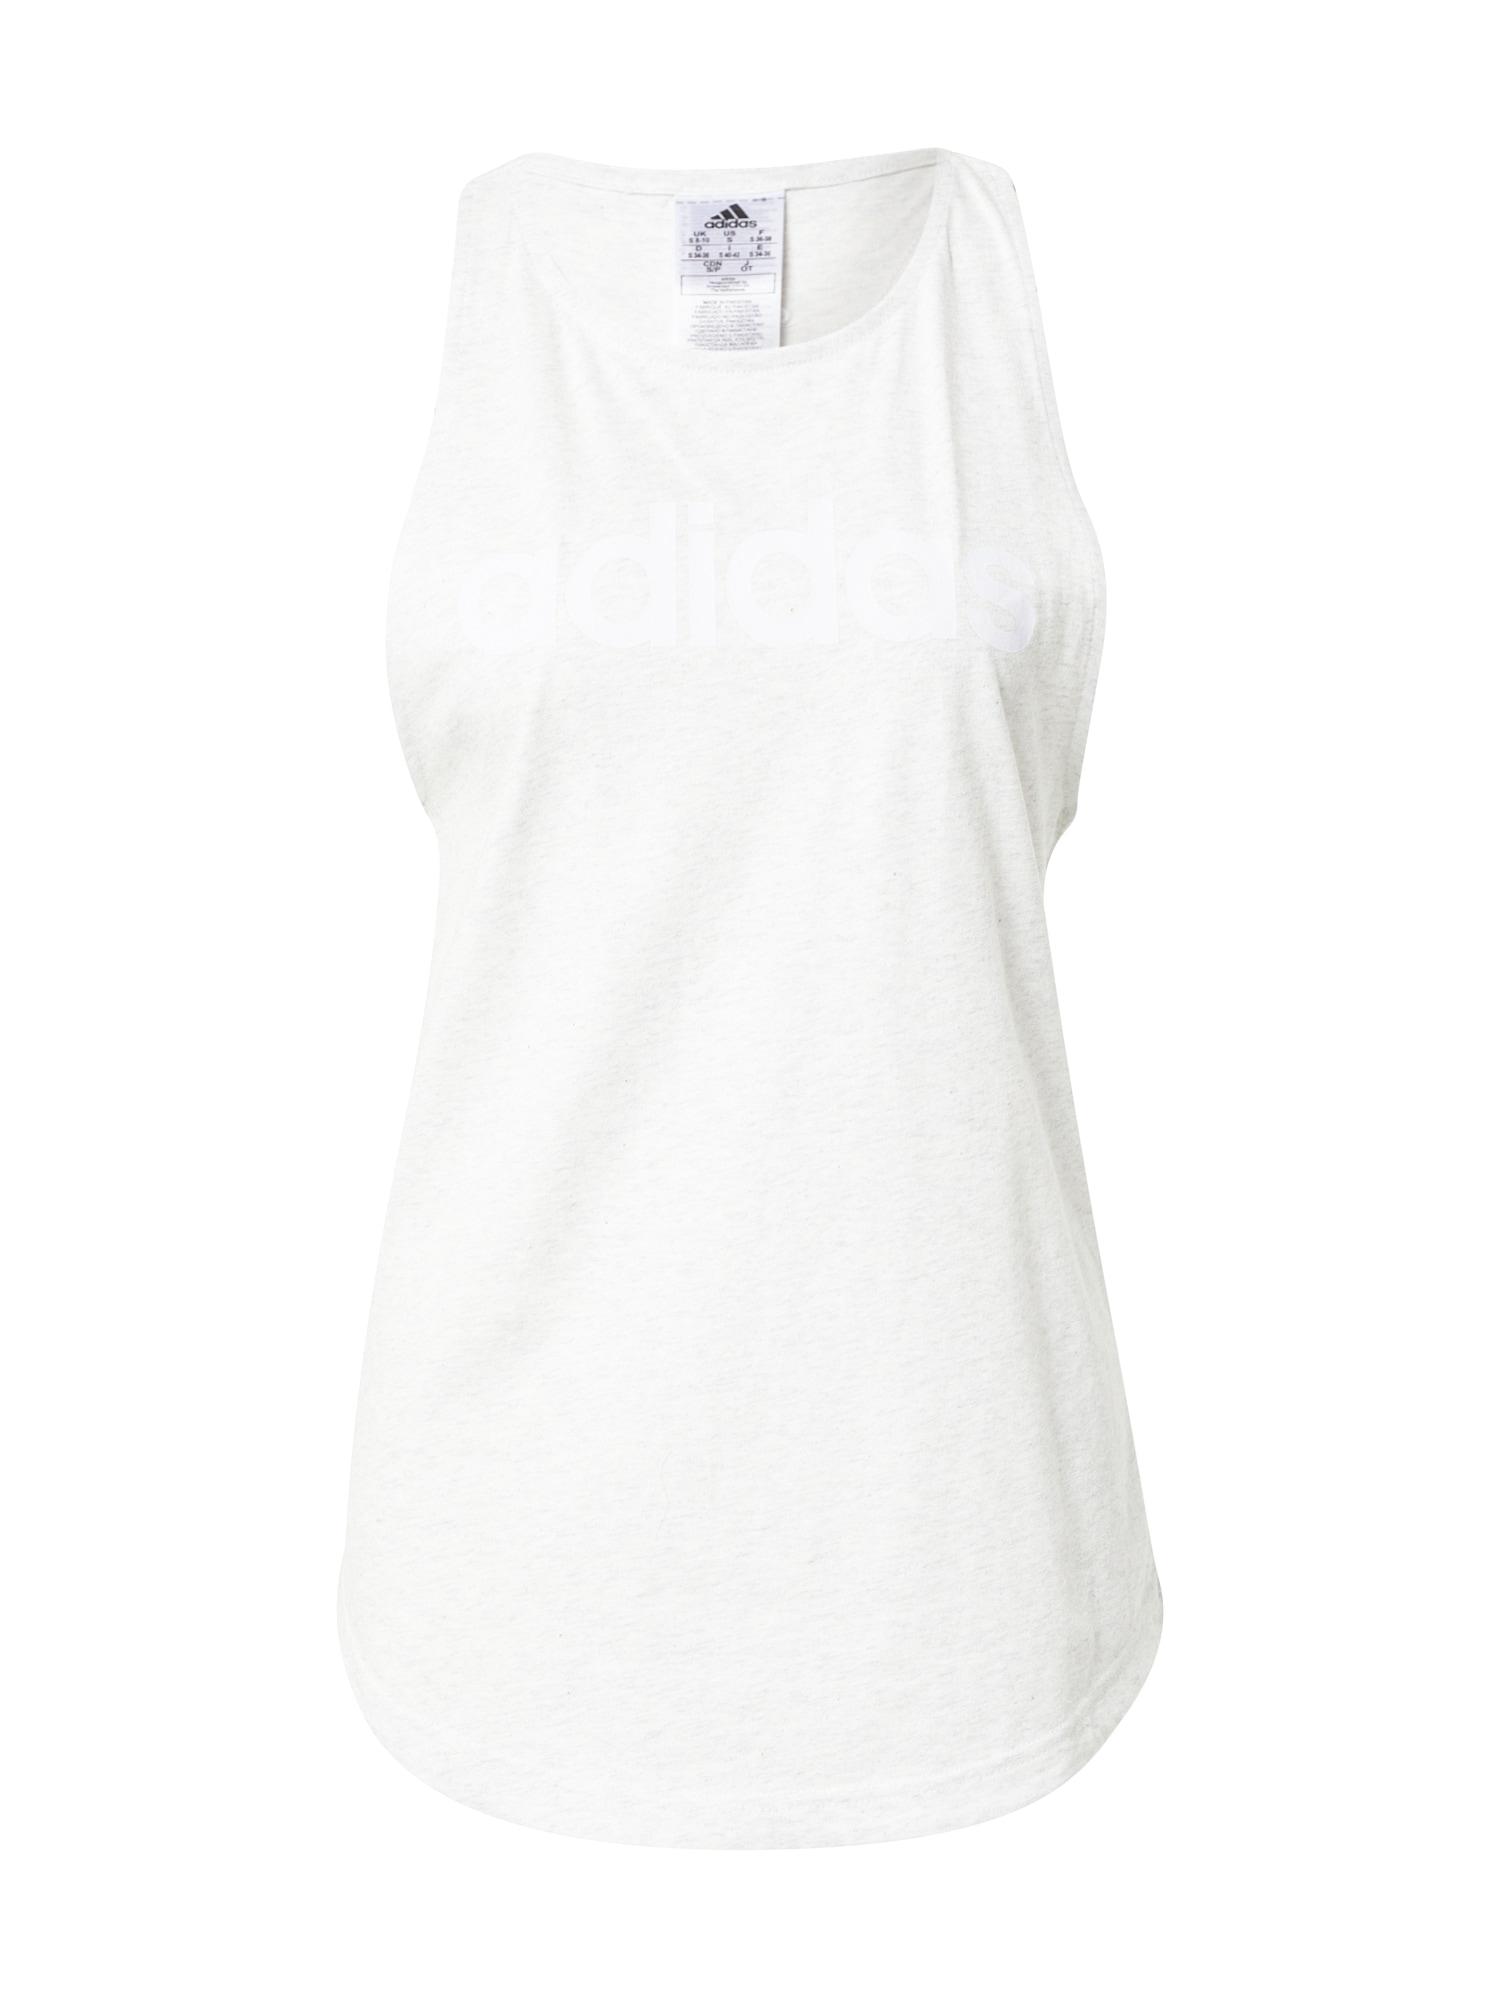 ADIDAS PERFORMANCE Sportovní top  offwhite / bílý melír